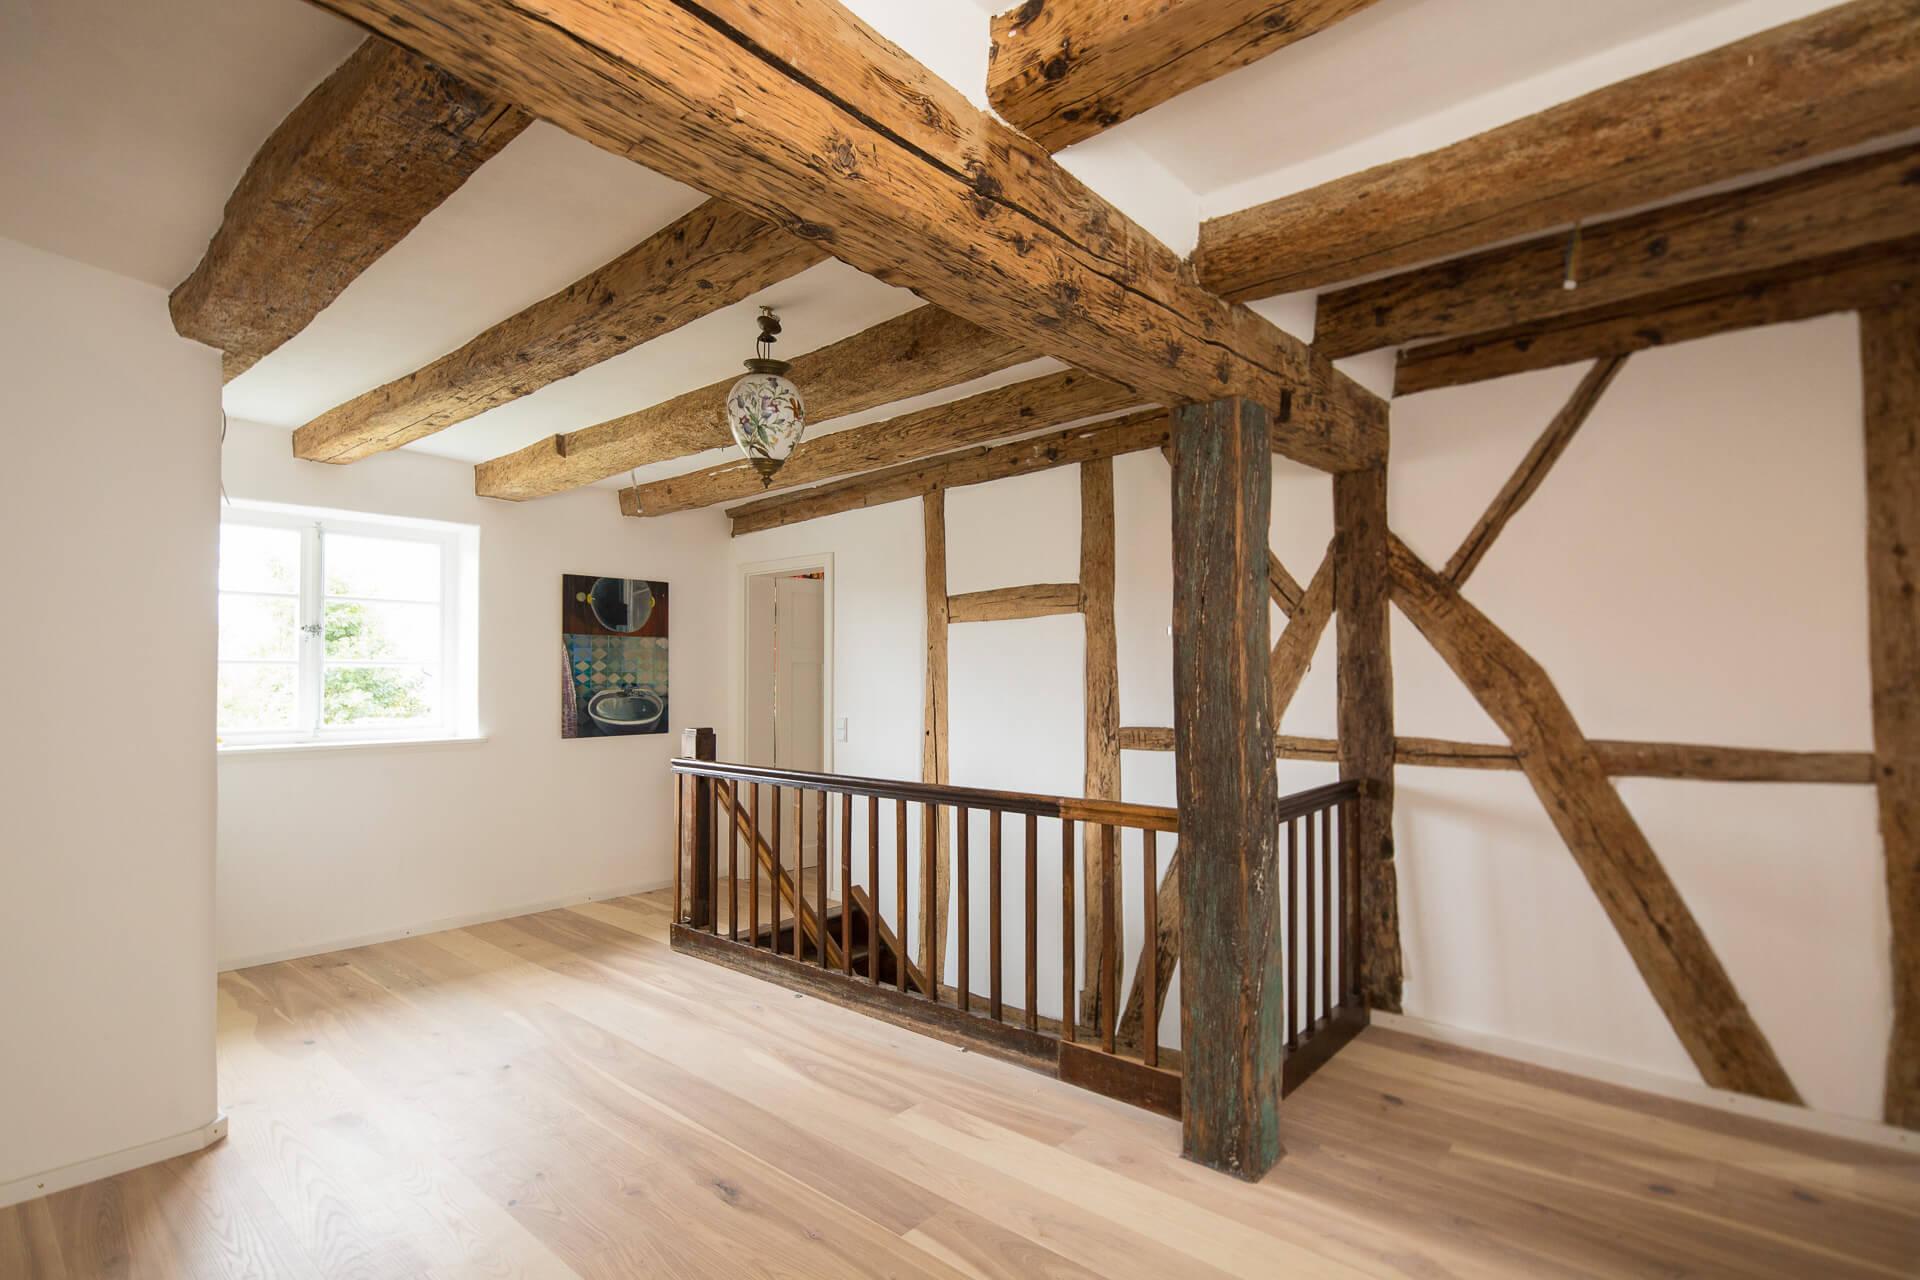 Foto Ryan Baugestaltung Fachwerkhaus Goettingen Raum mit Holzbalken und offener Holtreppe